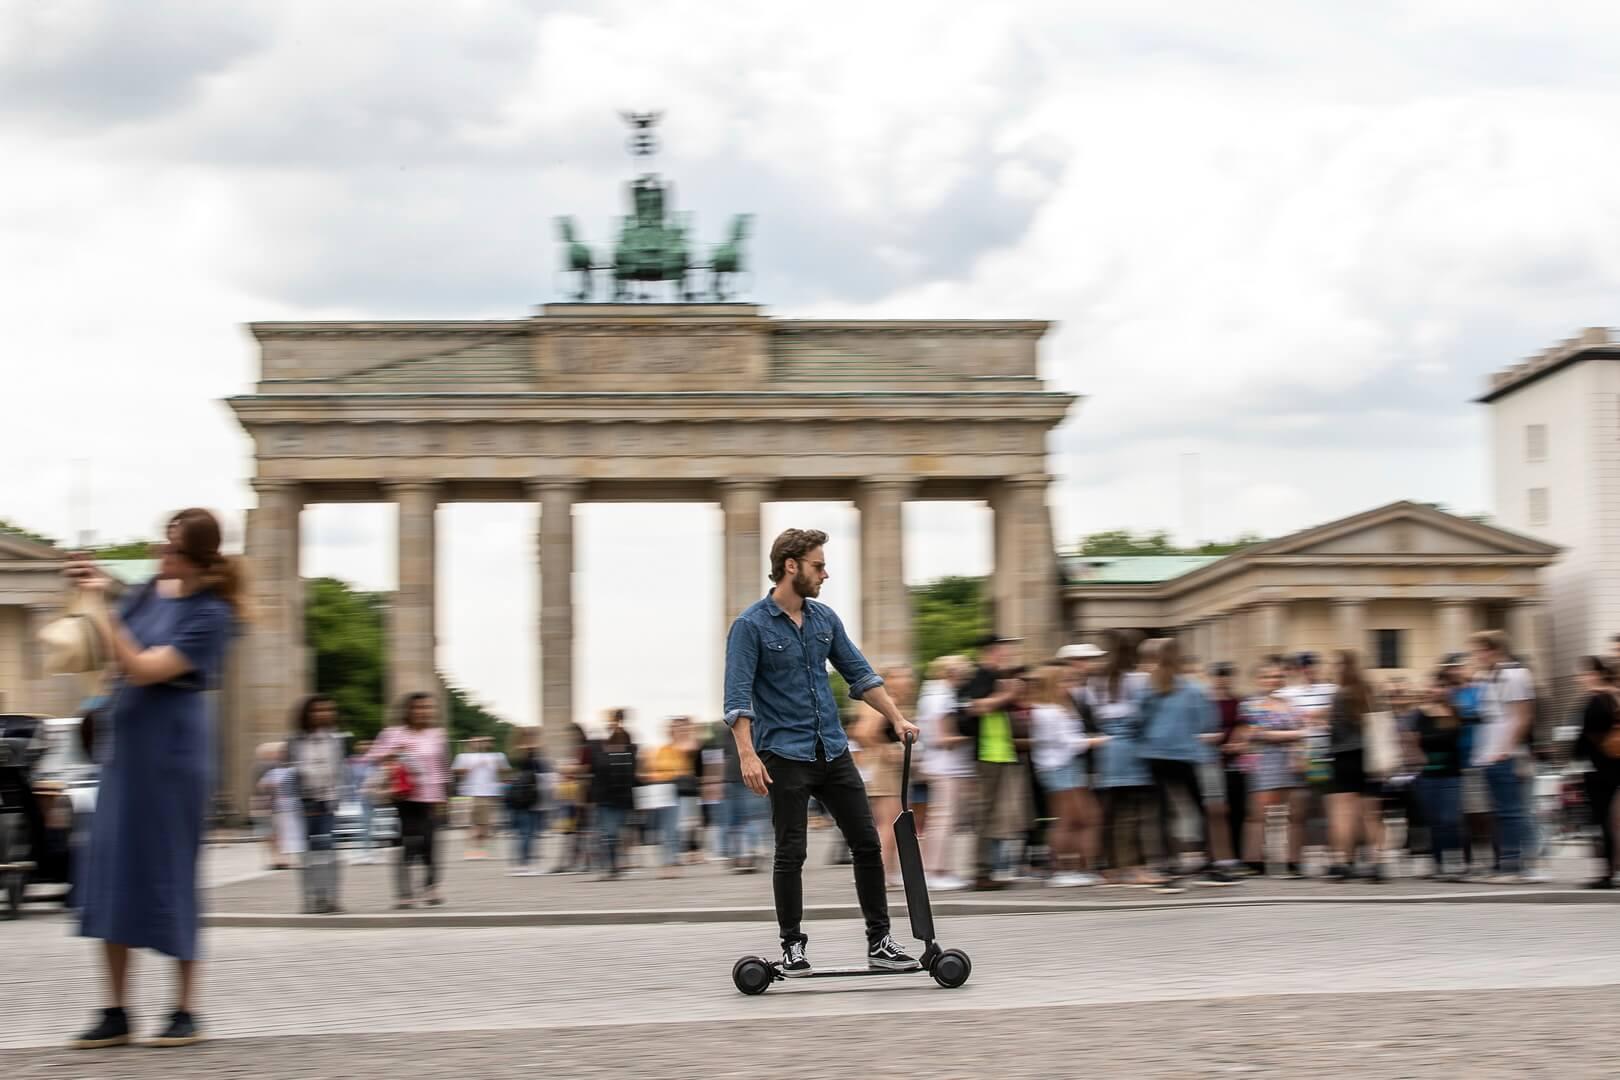 Audi представляет новый самокат e-tron, сочетающий в себе электрический скутер и скейтборд